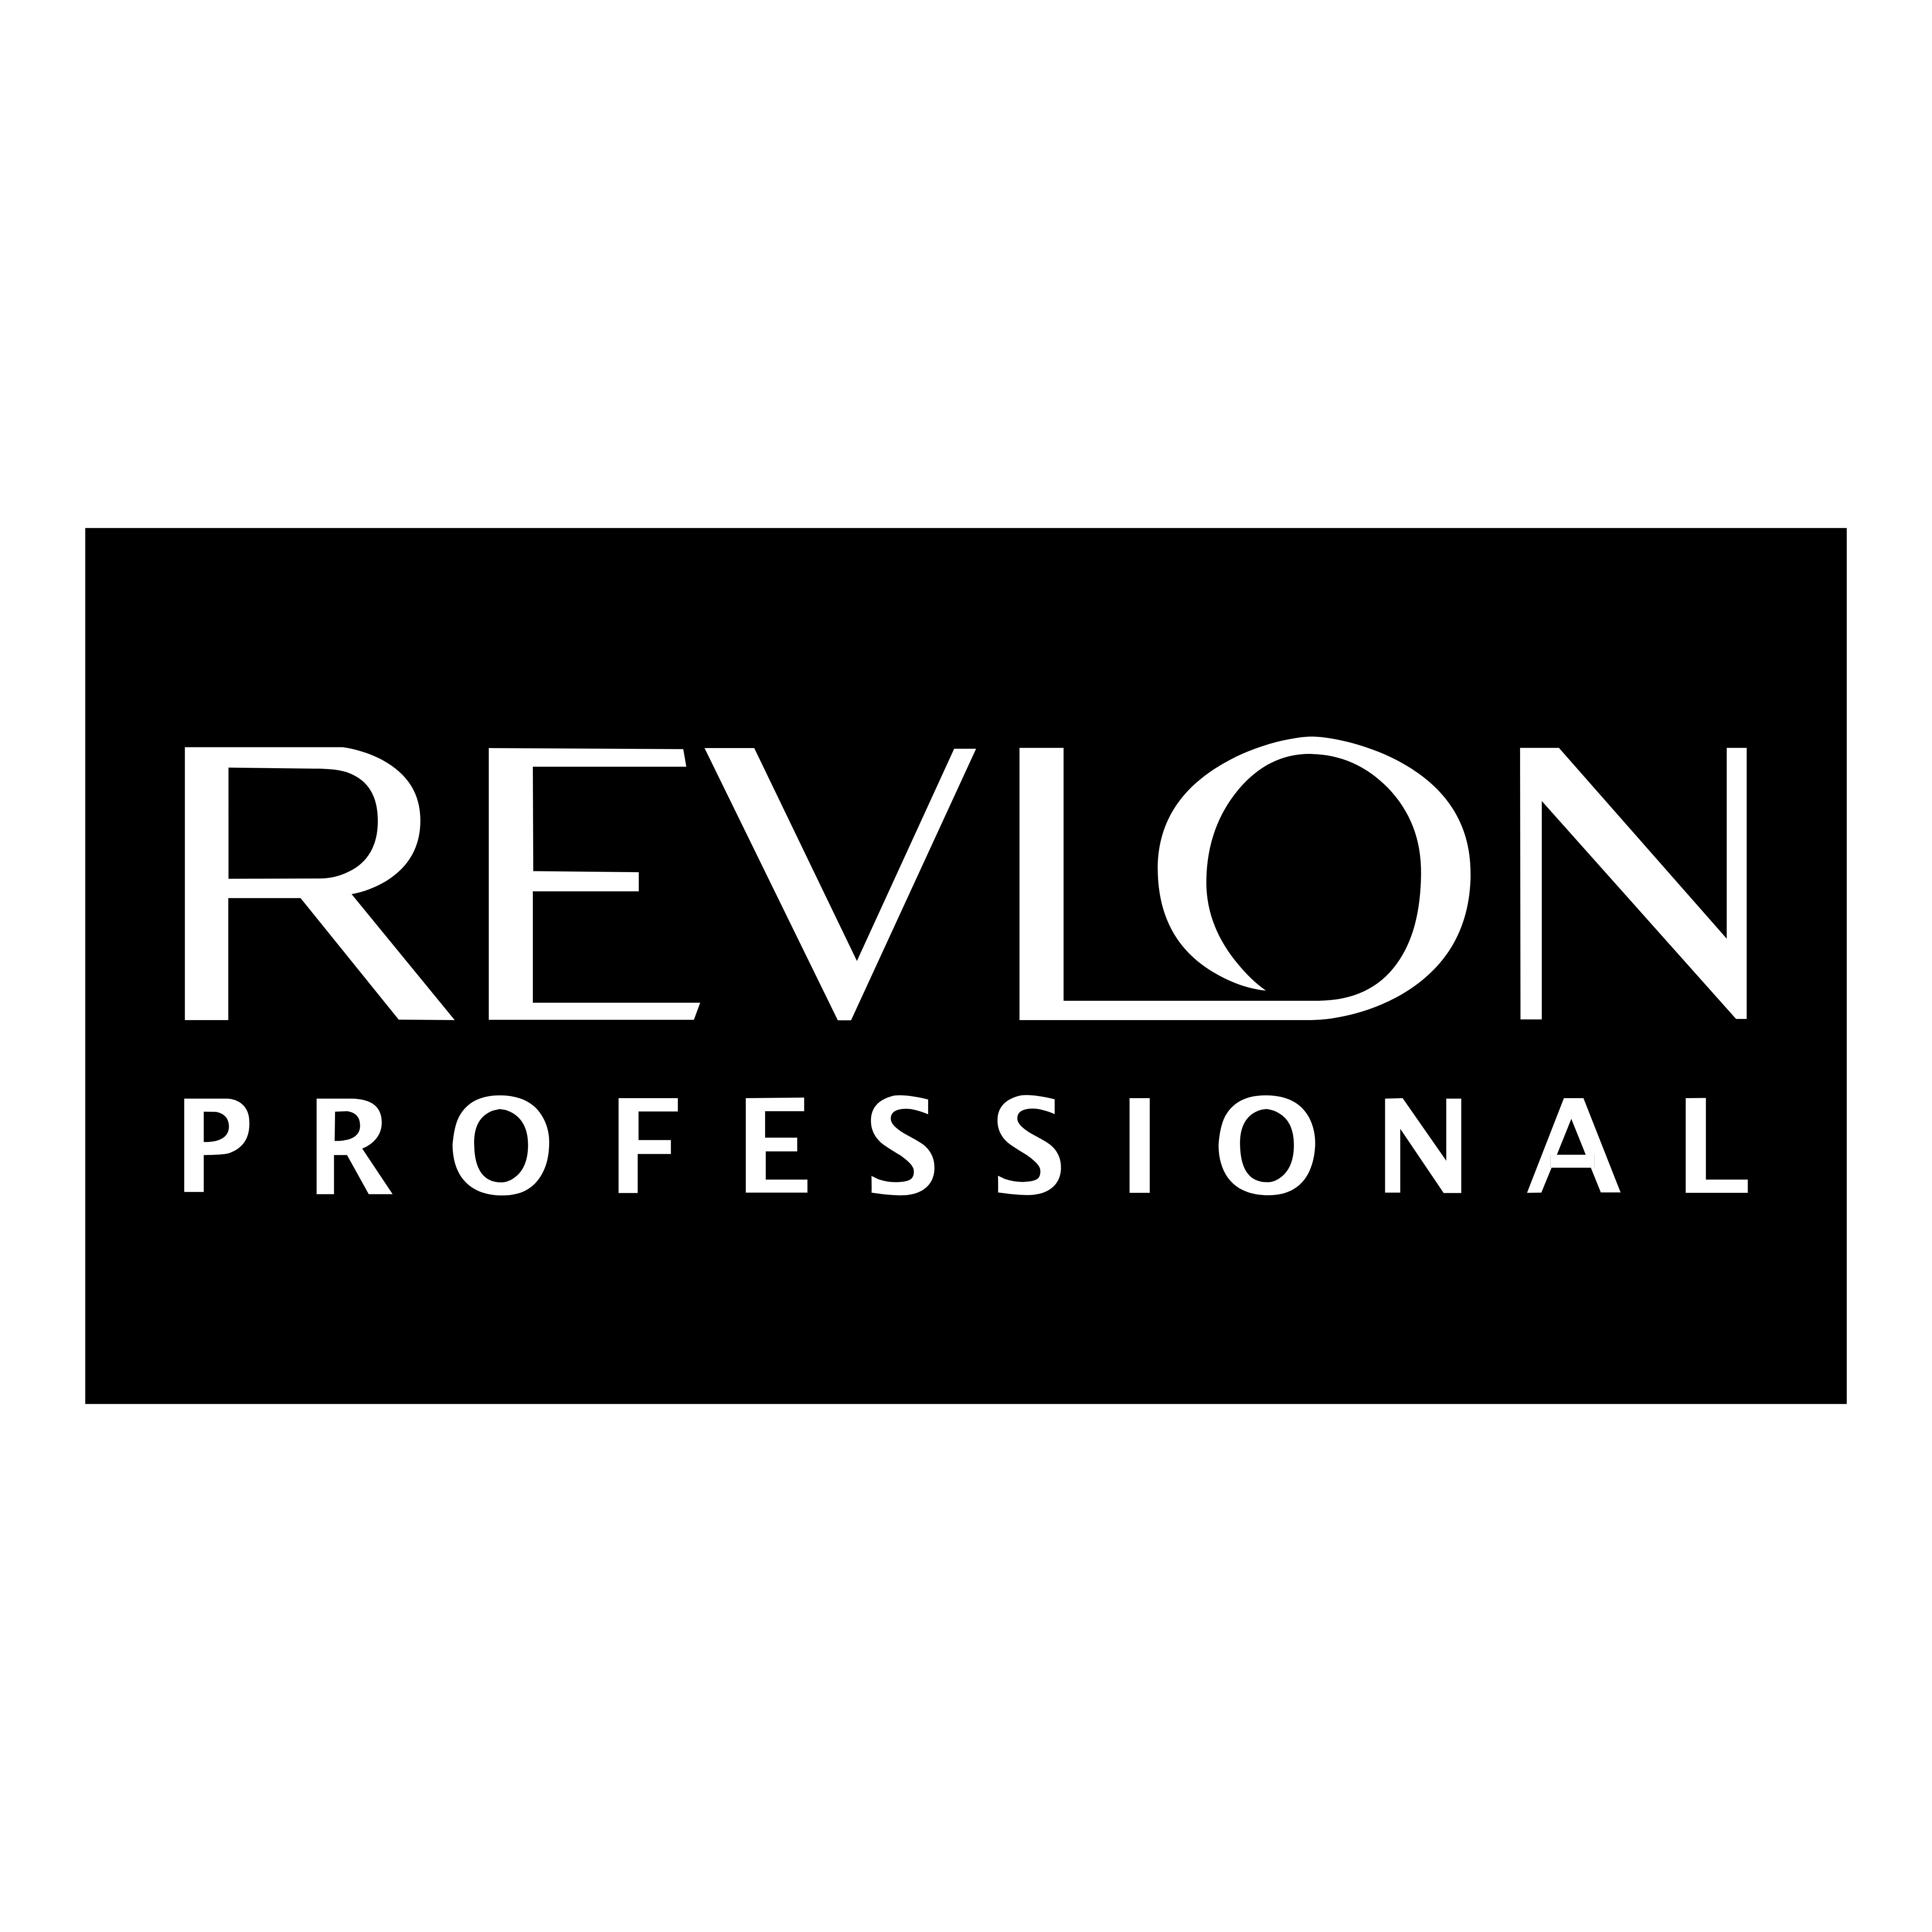 Revlon – Logos Download - Revlon Logo PNG